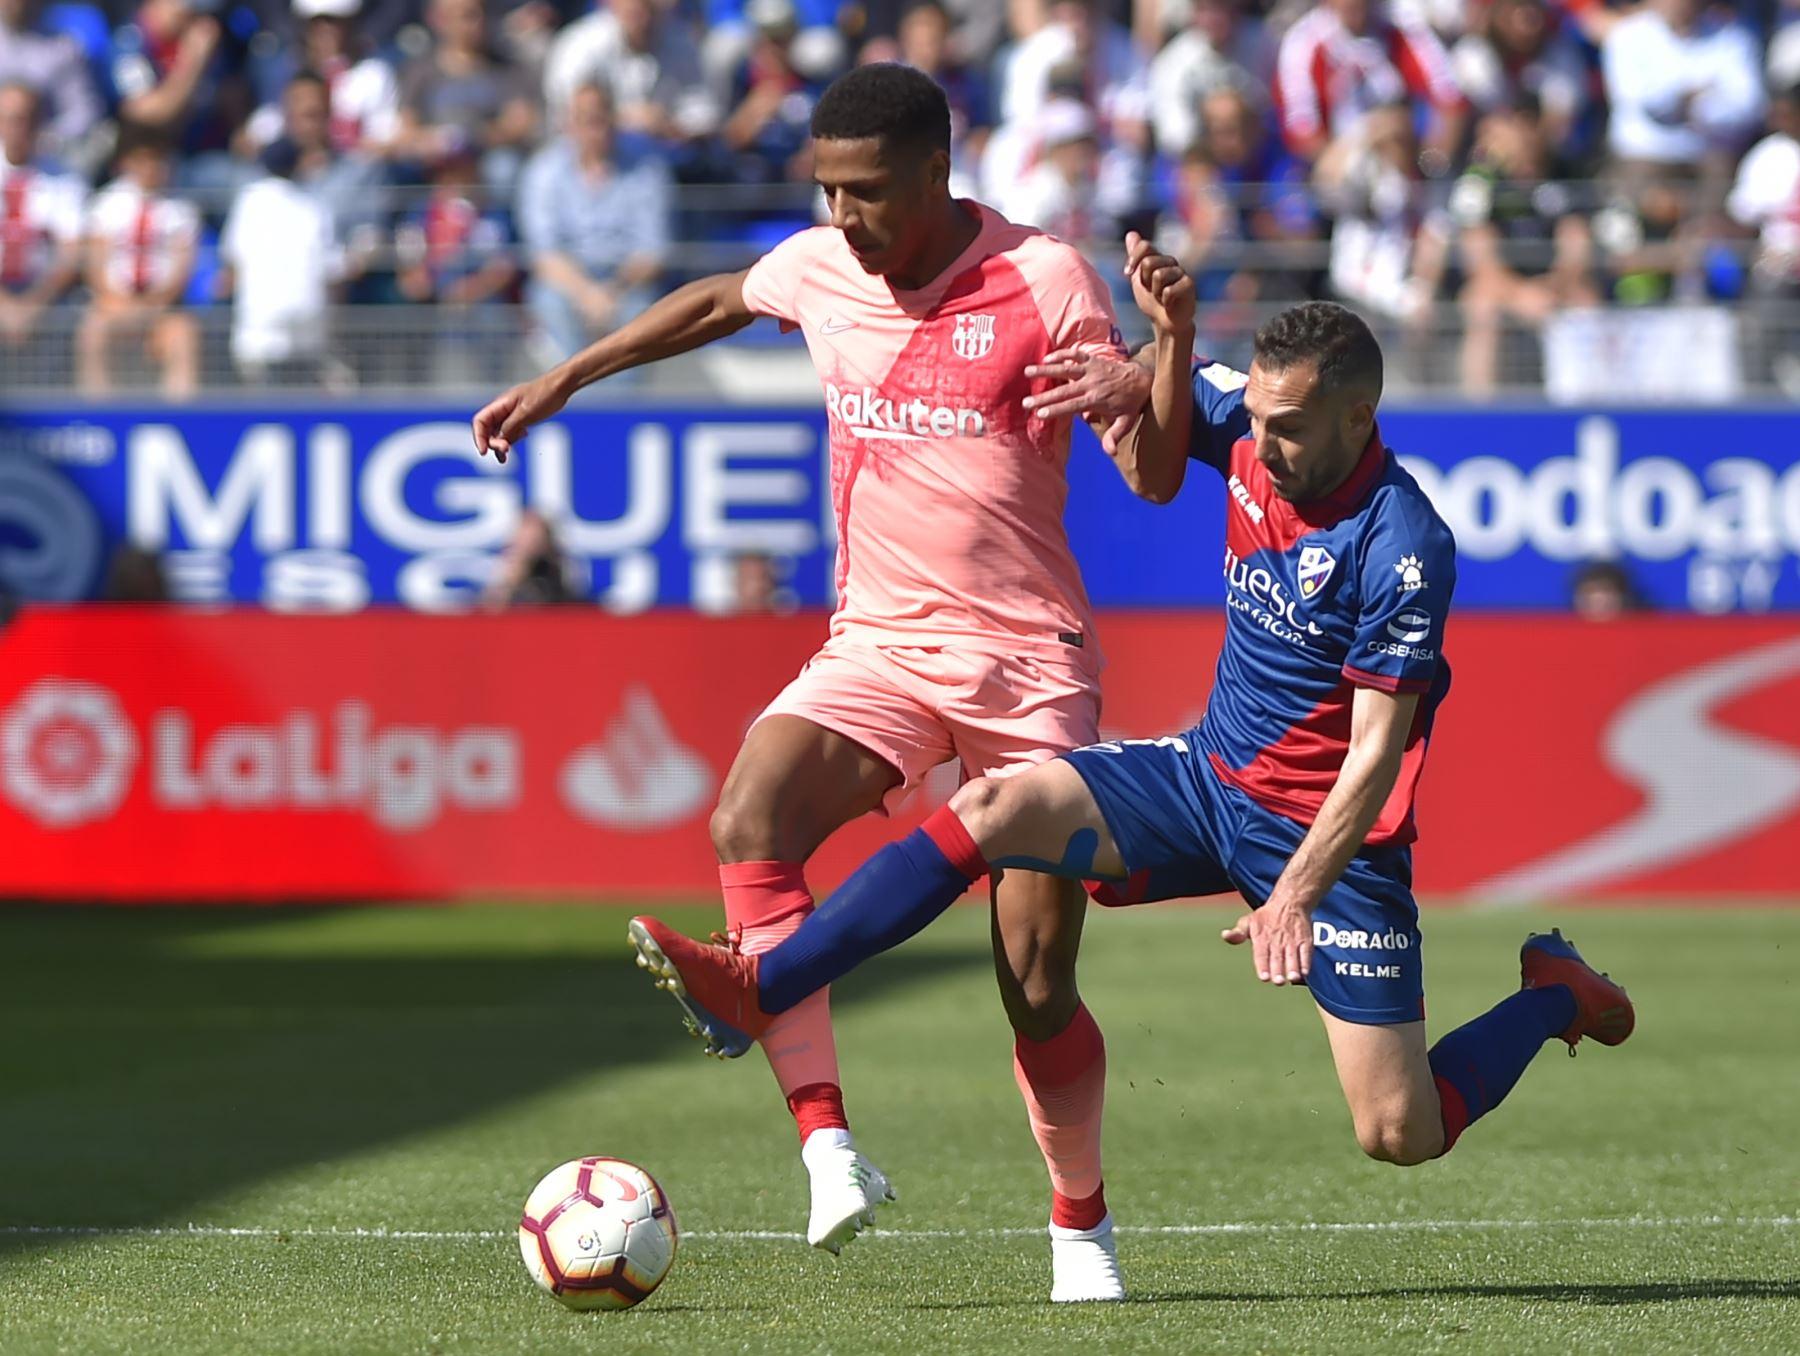 El defensa francés de arcelona, Jean-Clair Todibo (L) compite con el delantero español de SD Huesca, David Ferreiro, durante el partido de fútbol de la liga española entre SD Huesca y FC Barcelona.Foto:AFP